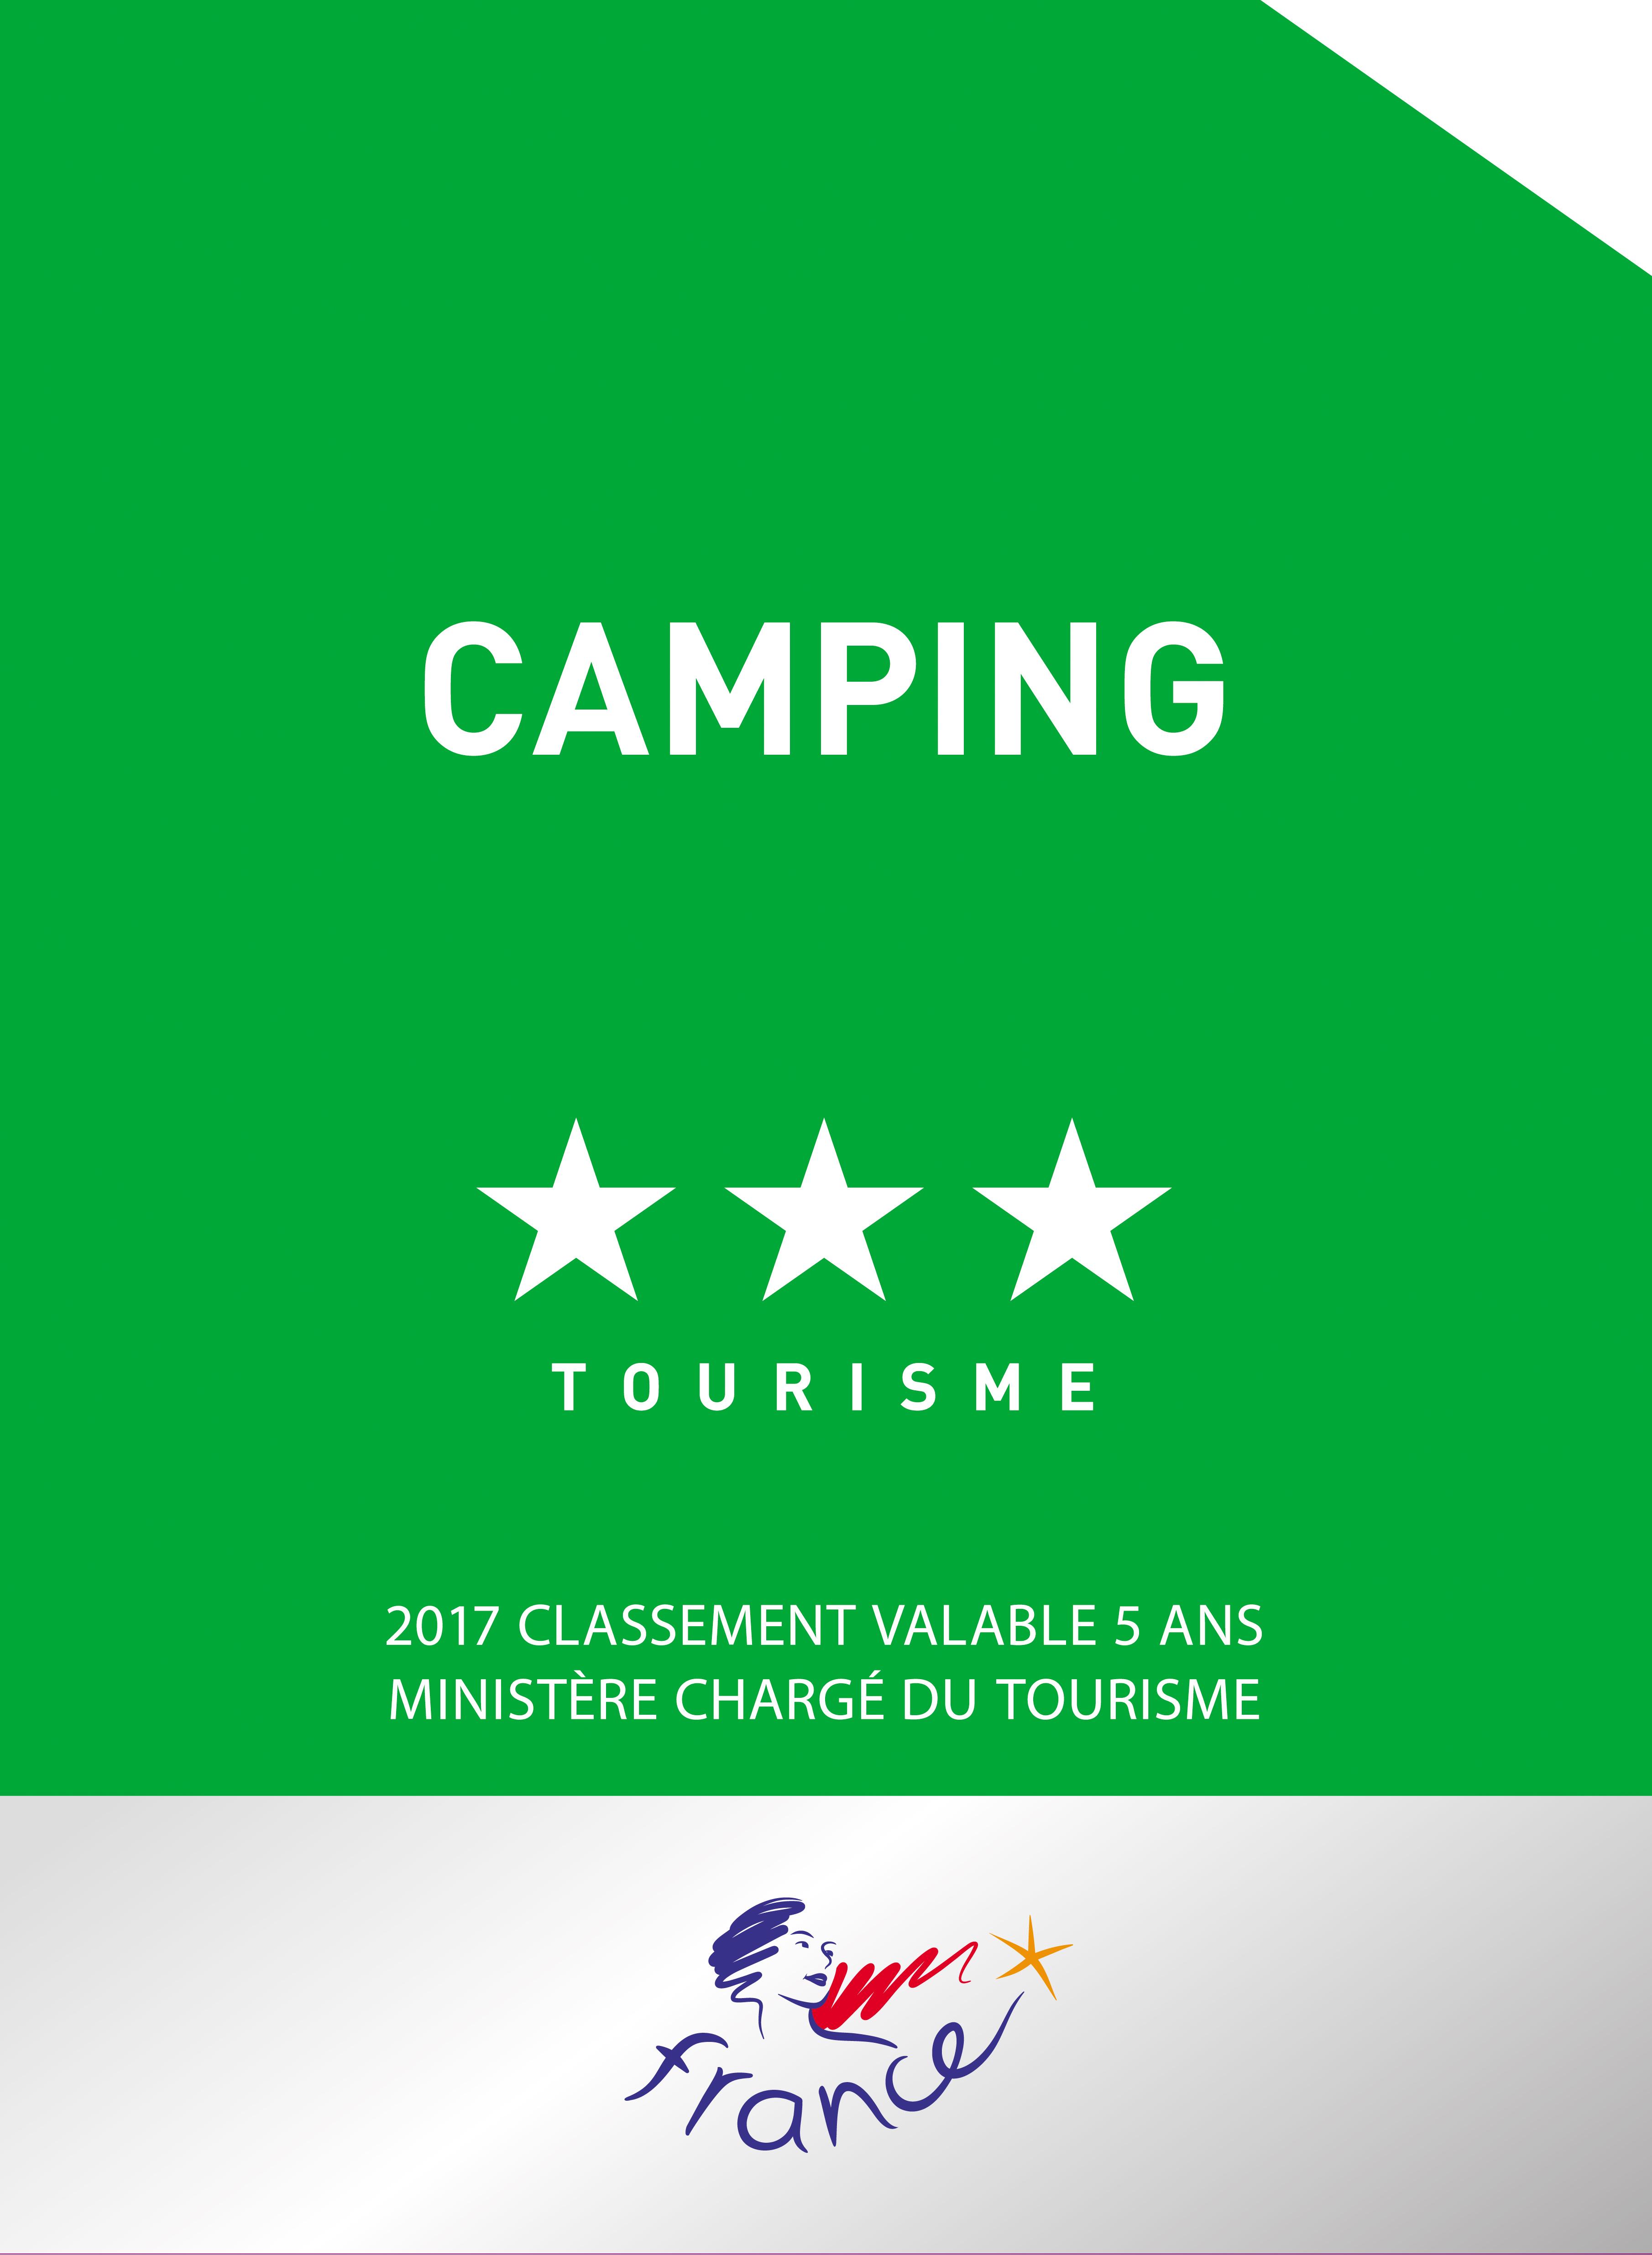 camping-3-étoiles